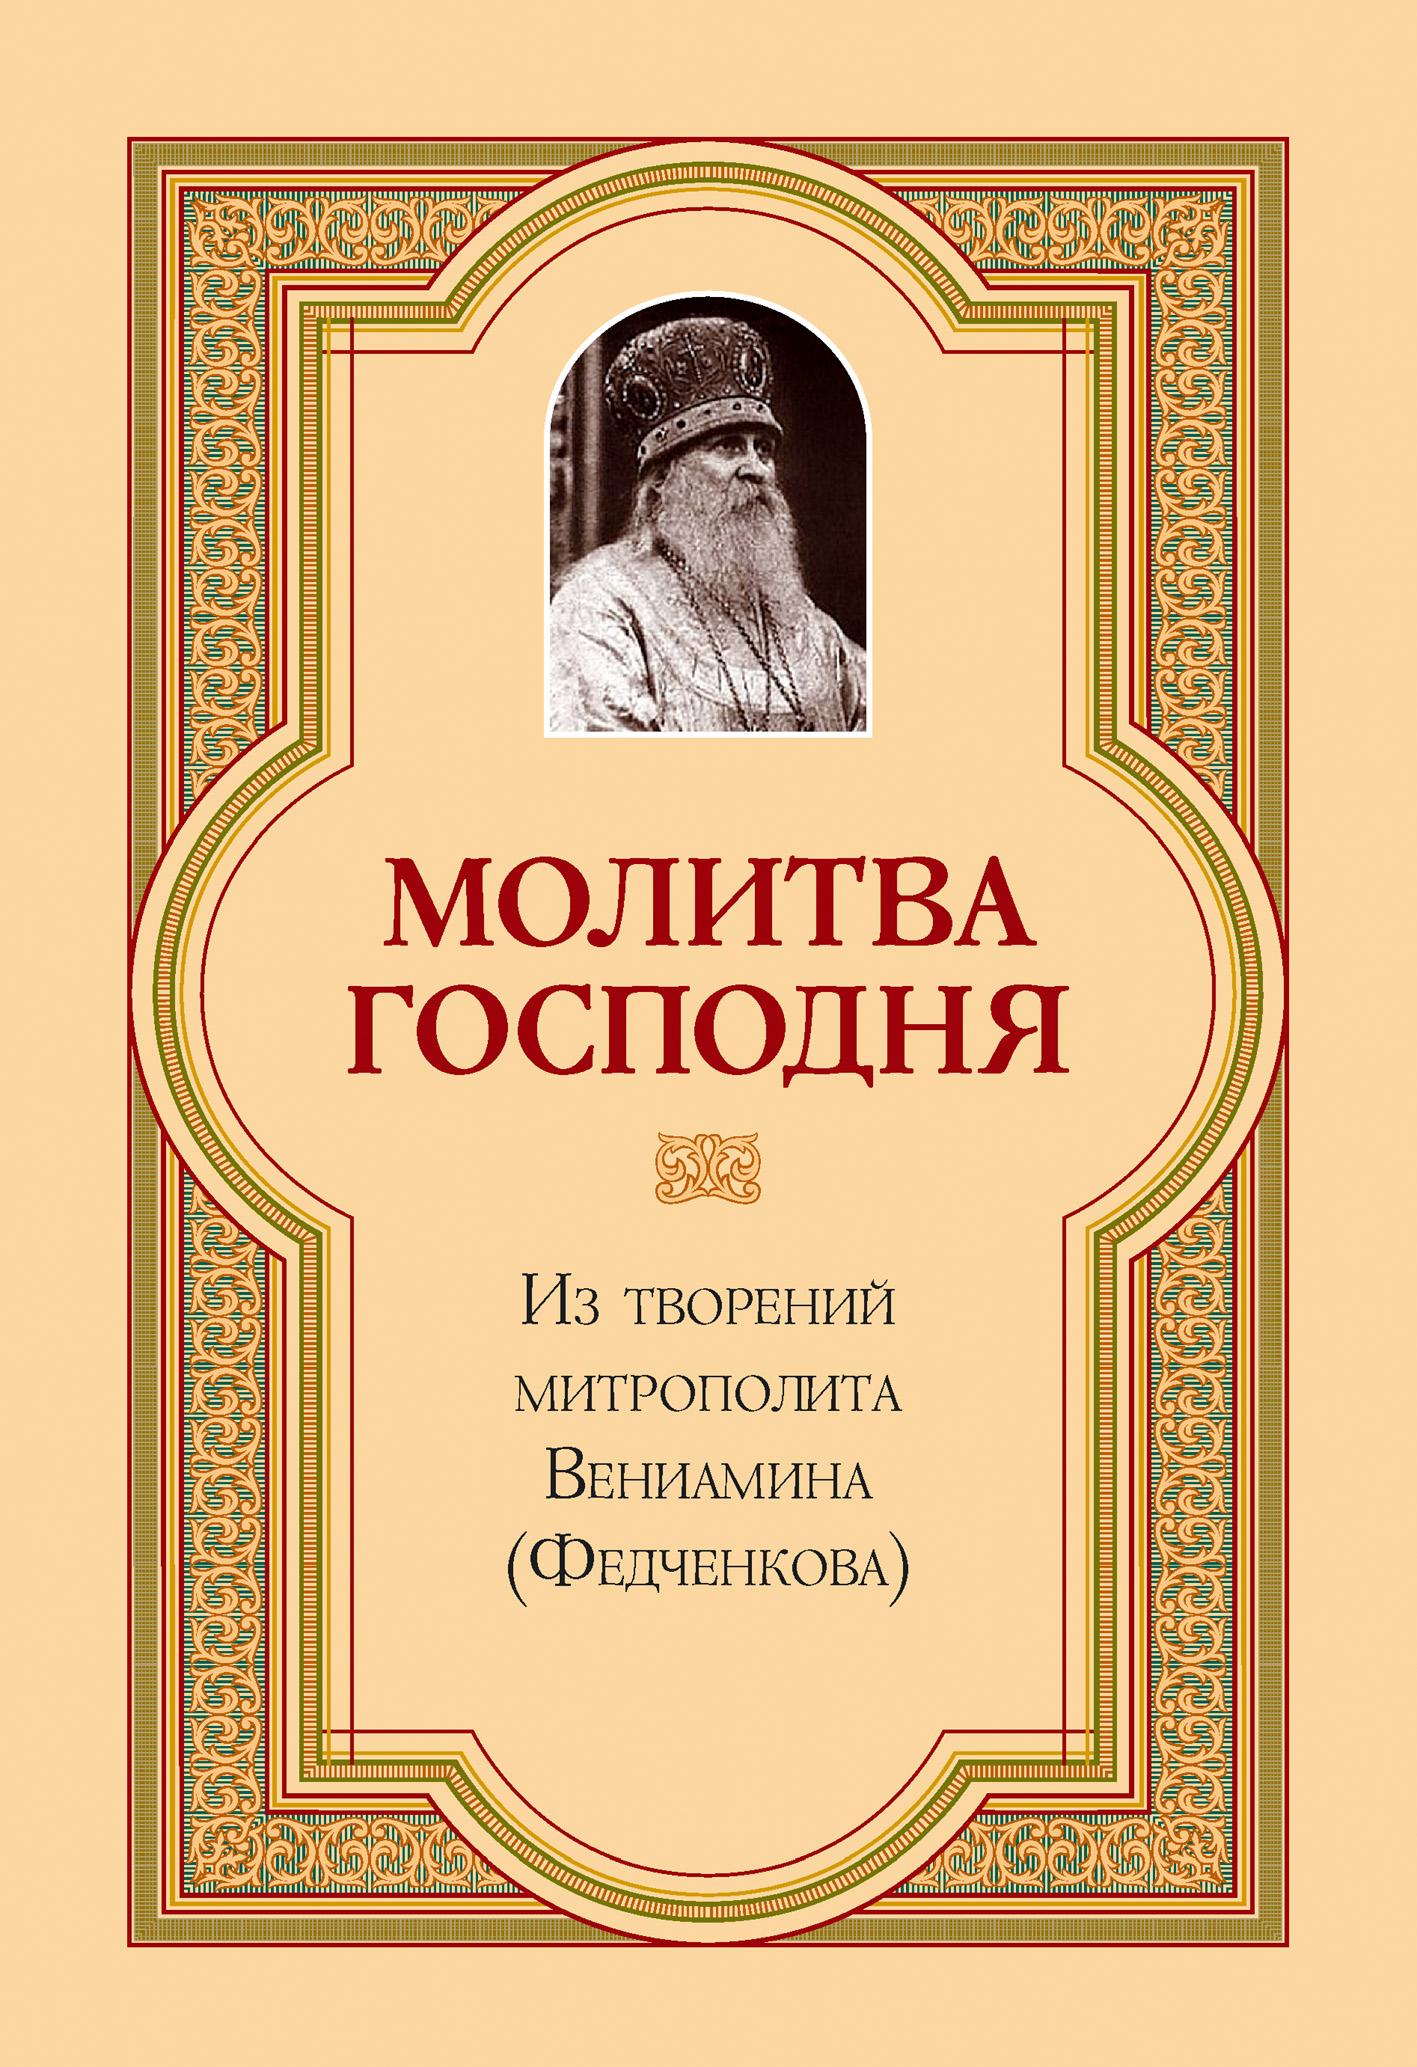 митрополит Вениамин (Федченков) Молитва Господня цена